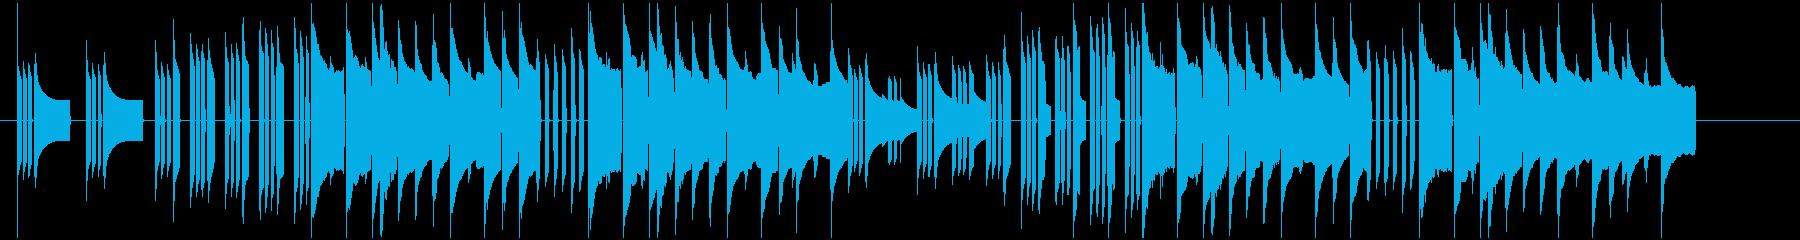 メンデルスゾーン「結婚行進曲」ファミコンの再生済みの波形